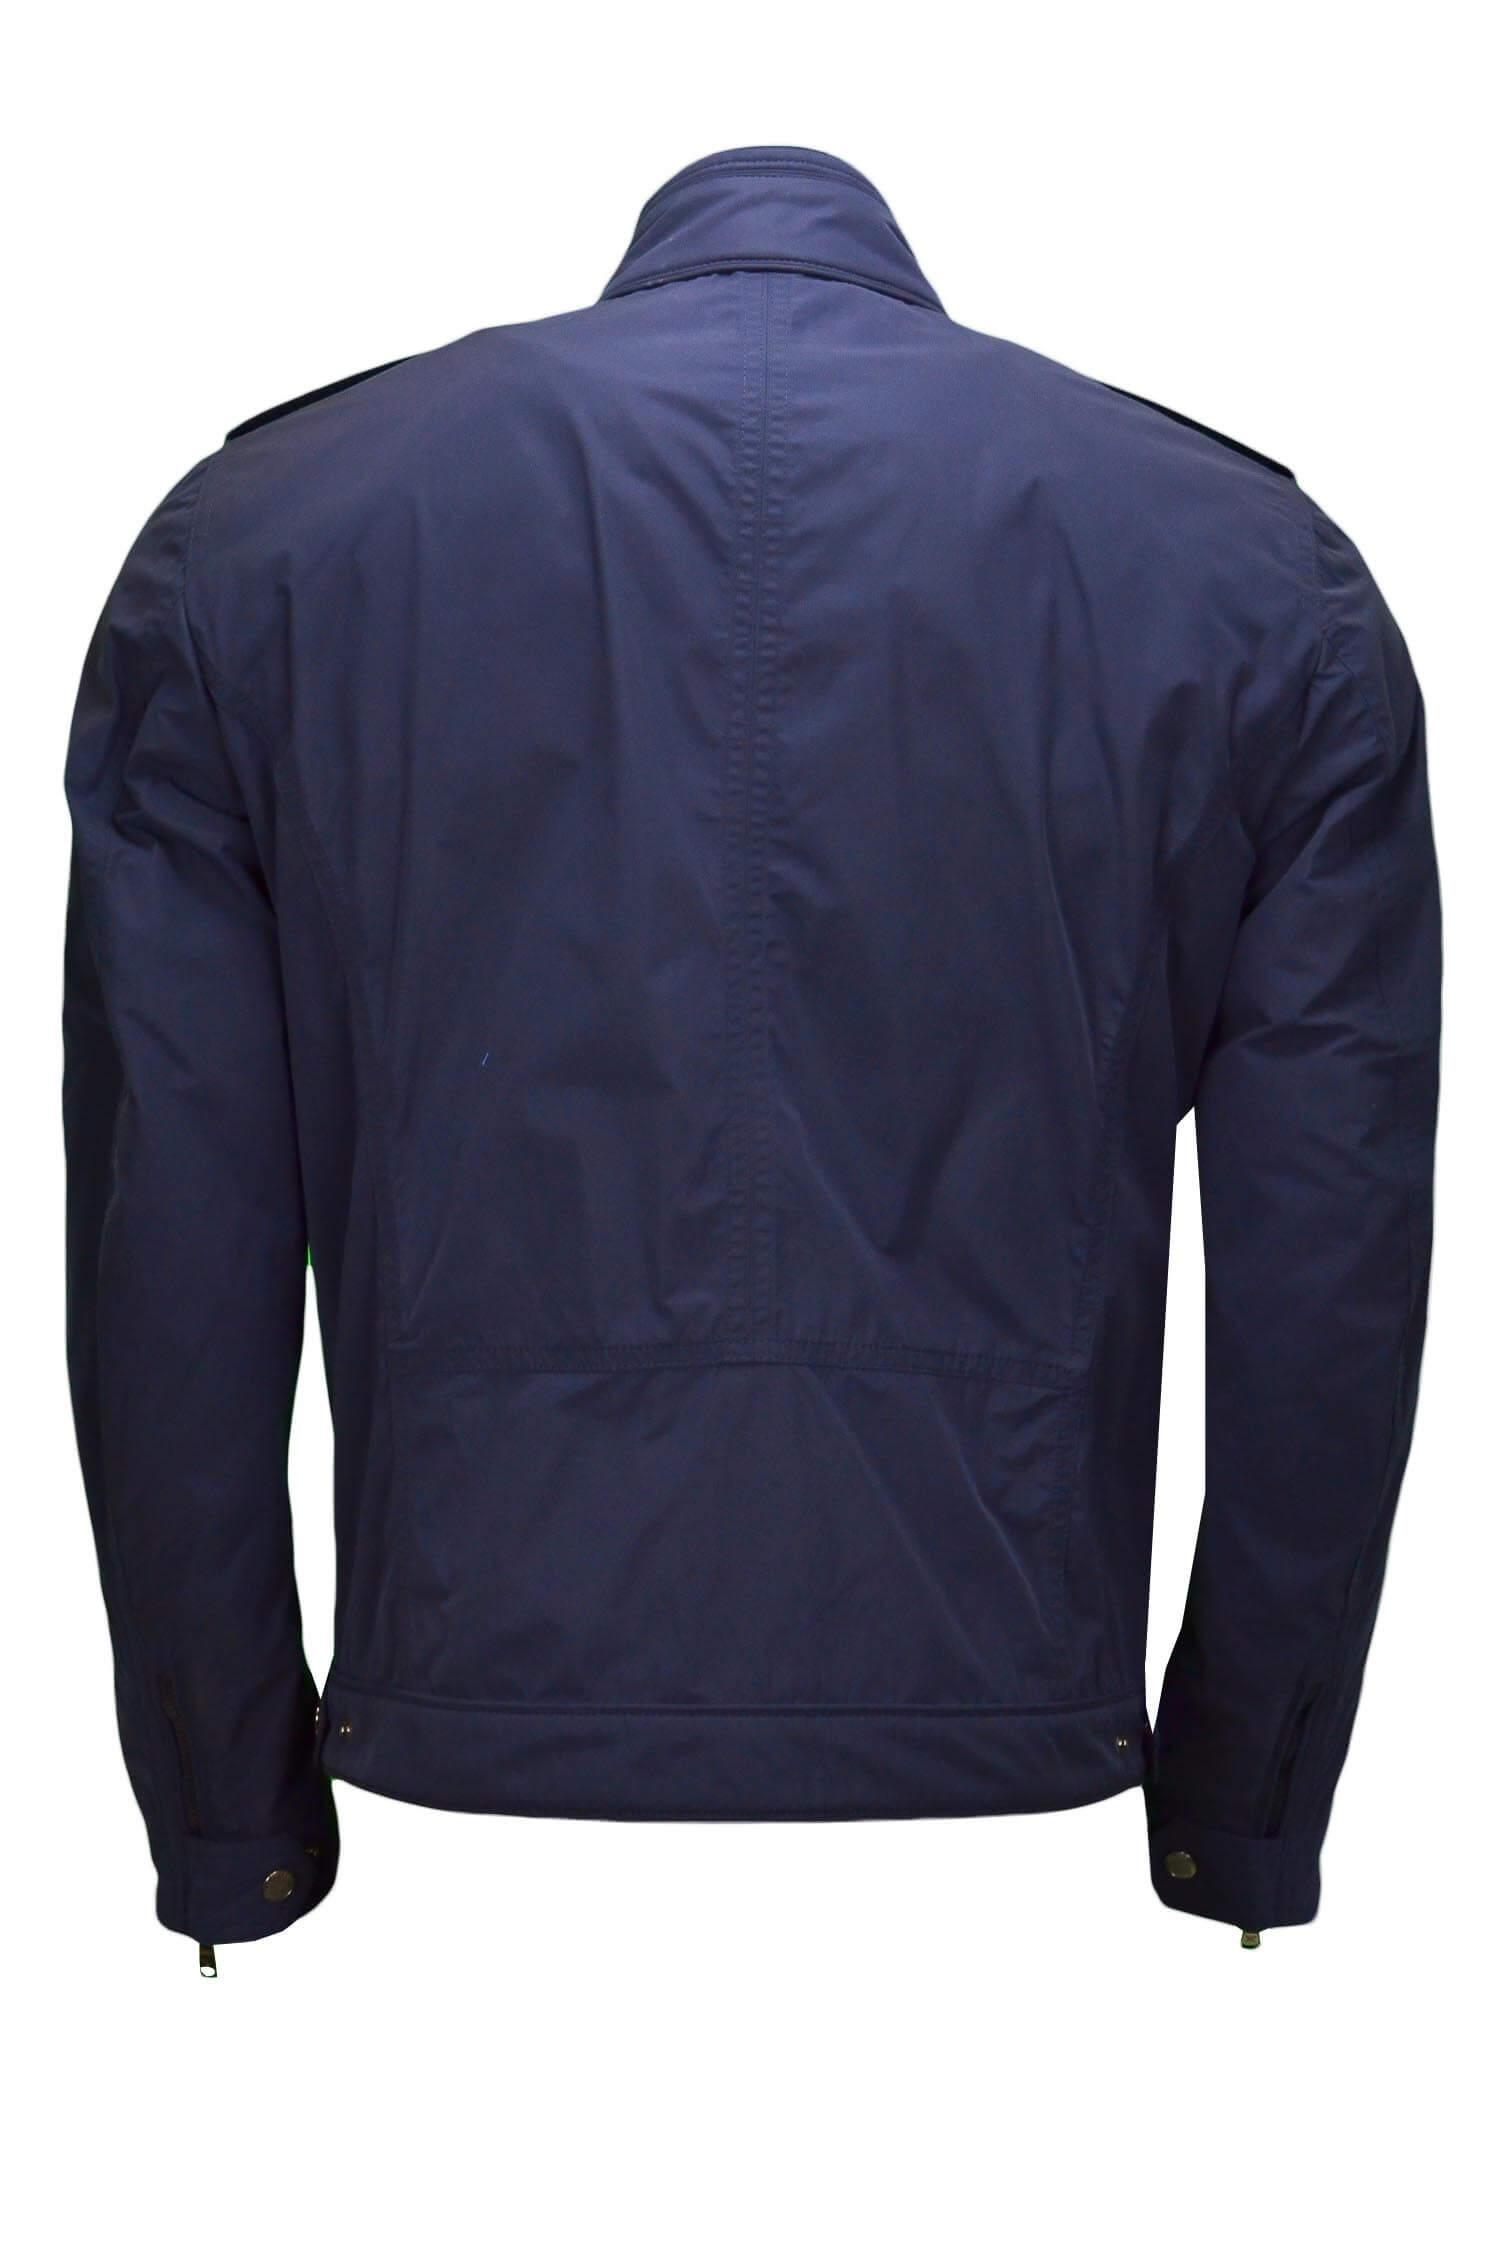 Marine Veste Champion Bleu Pour Hackett Homme Meille Au Toujours qtTtrRwZ